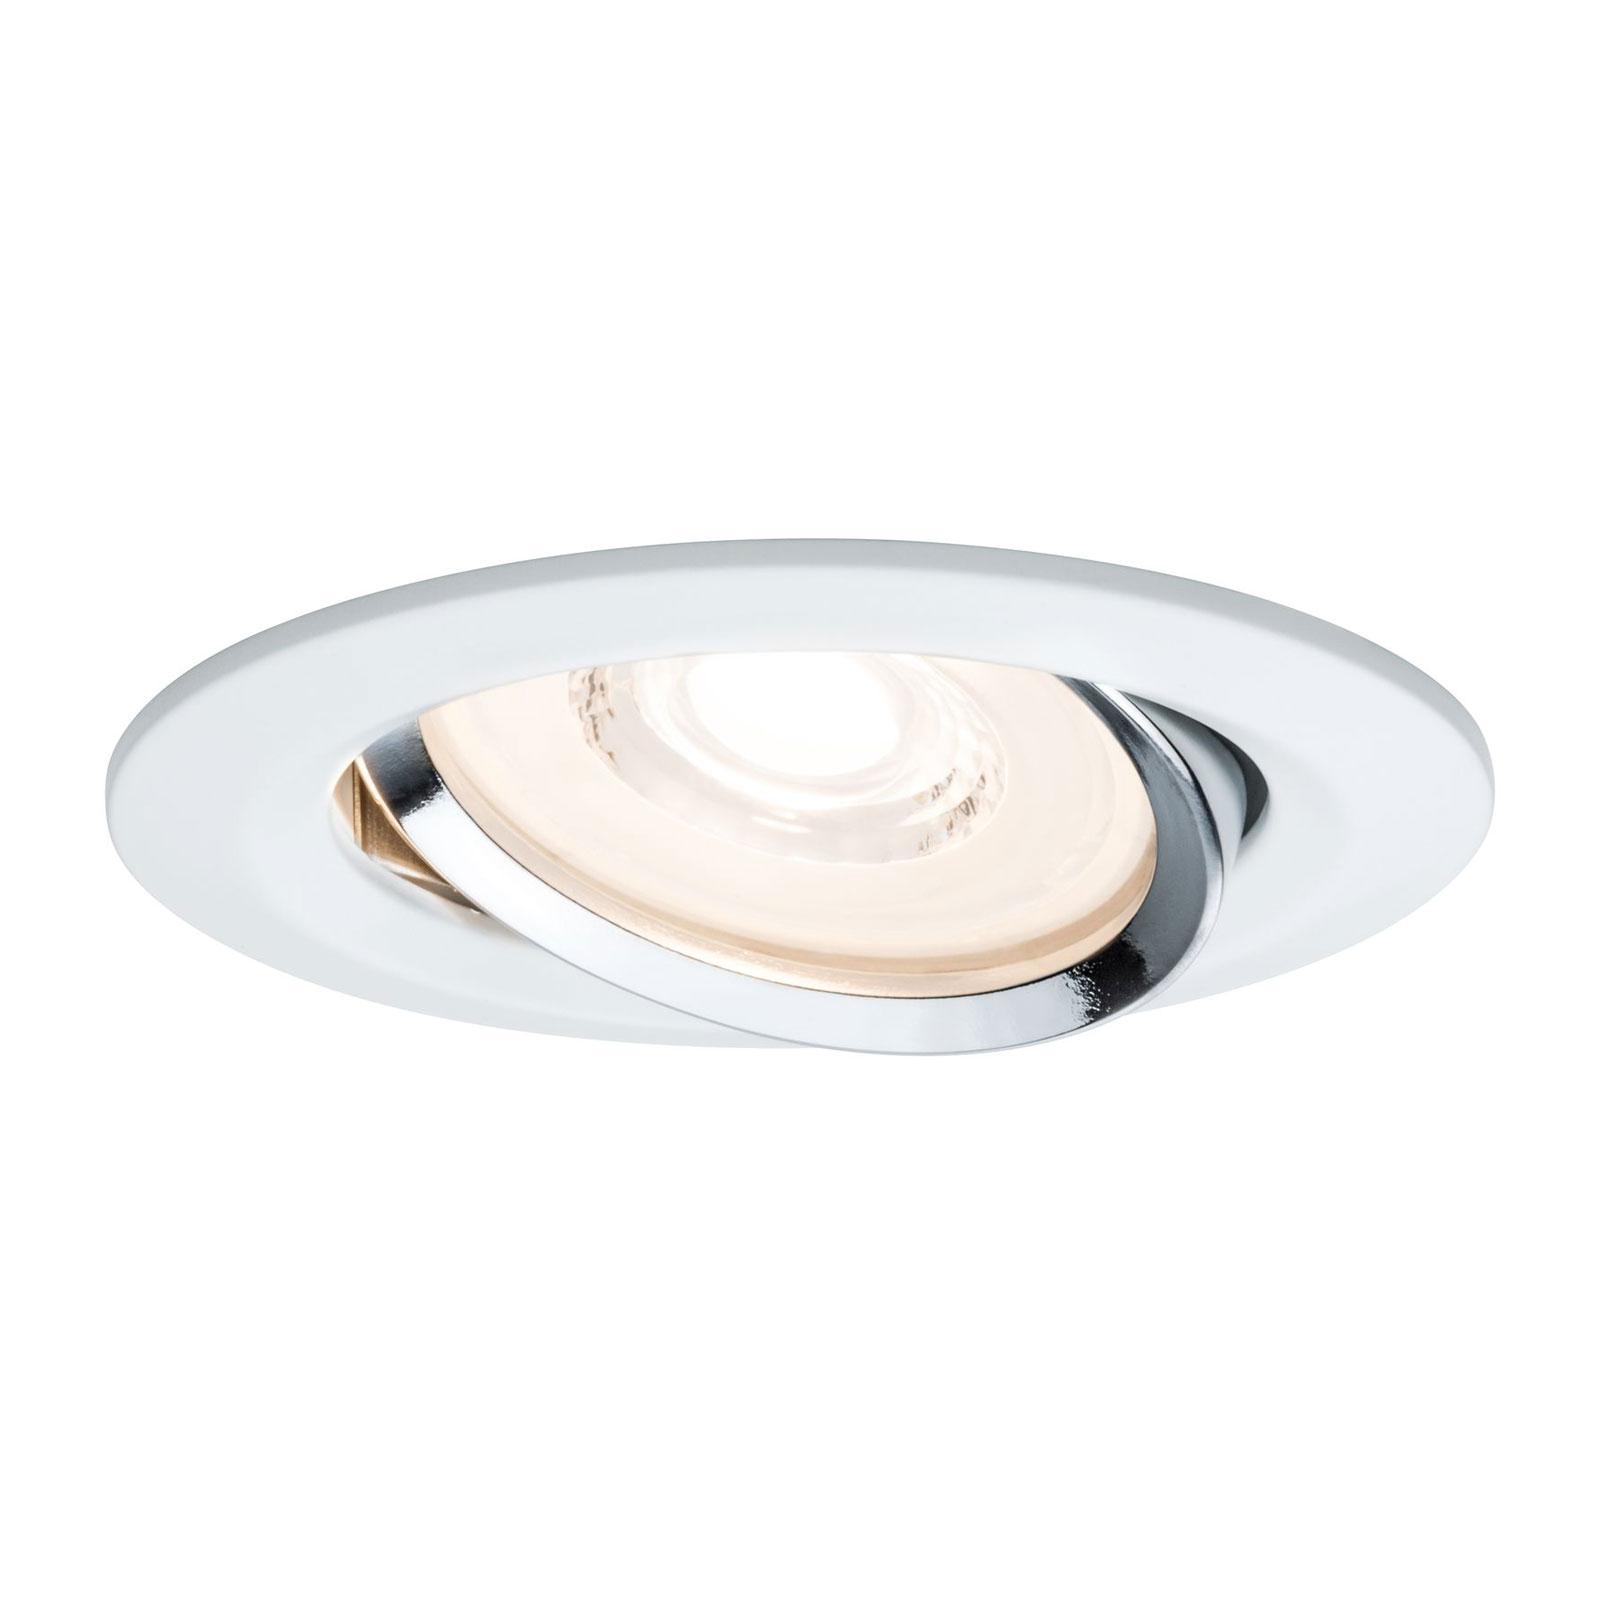 Paulmann Reflector Coin LED-Einbaustrahler, 3er